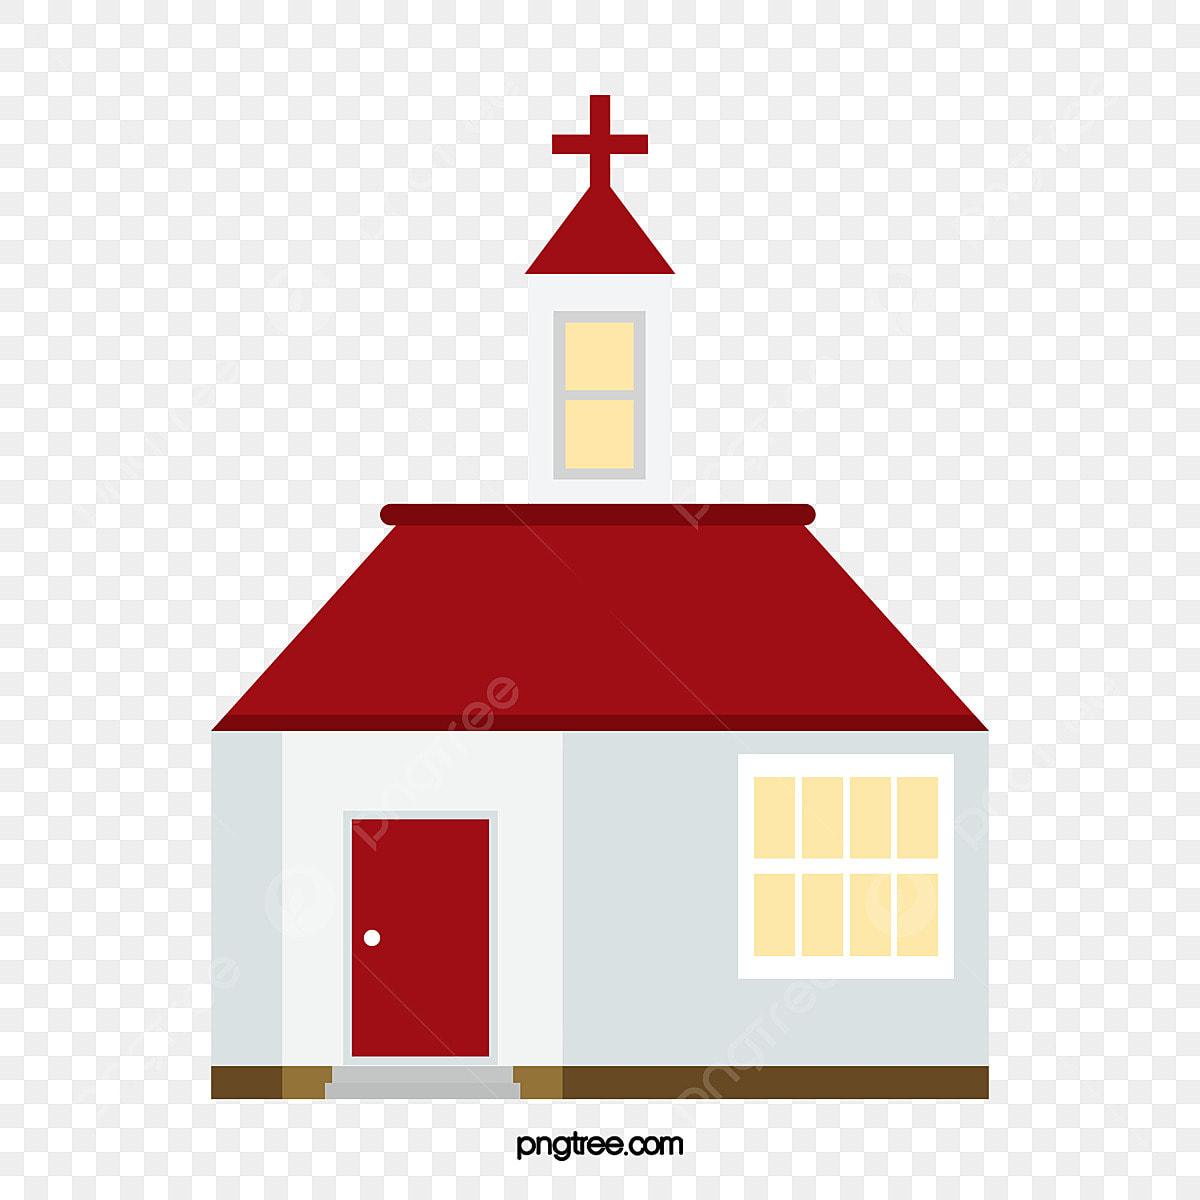 Le Dessin De L Eglise Clipart Eglise Vecteur De Dessin Anime Vecteur De L Eglise Fichier Png Et Psd Pour Le Telechargement Libre